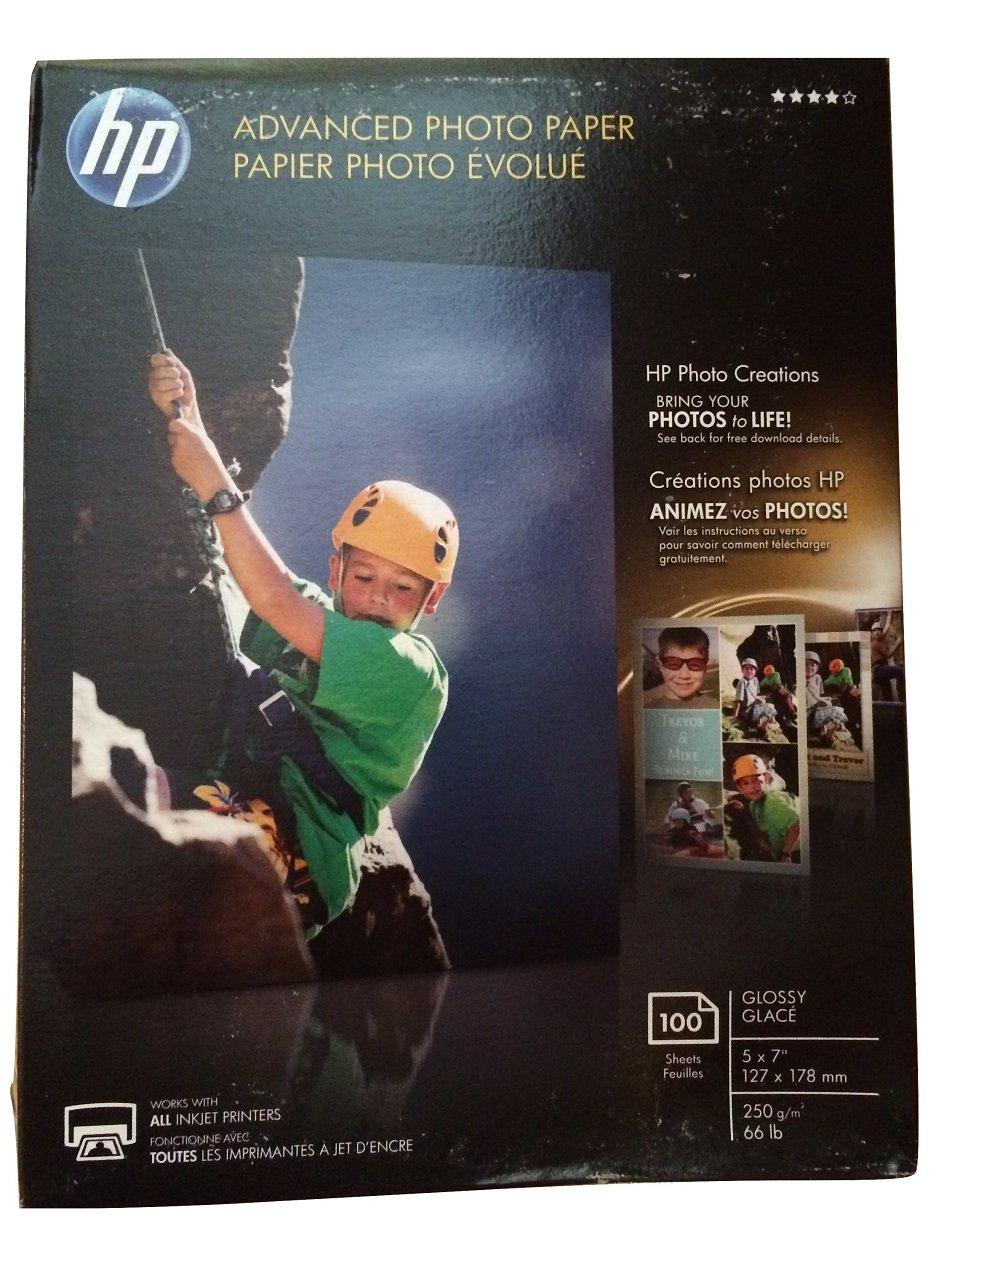 HPアドバンスフォト用紙、光沢、5